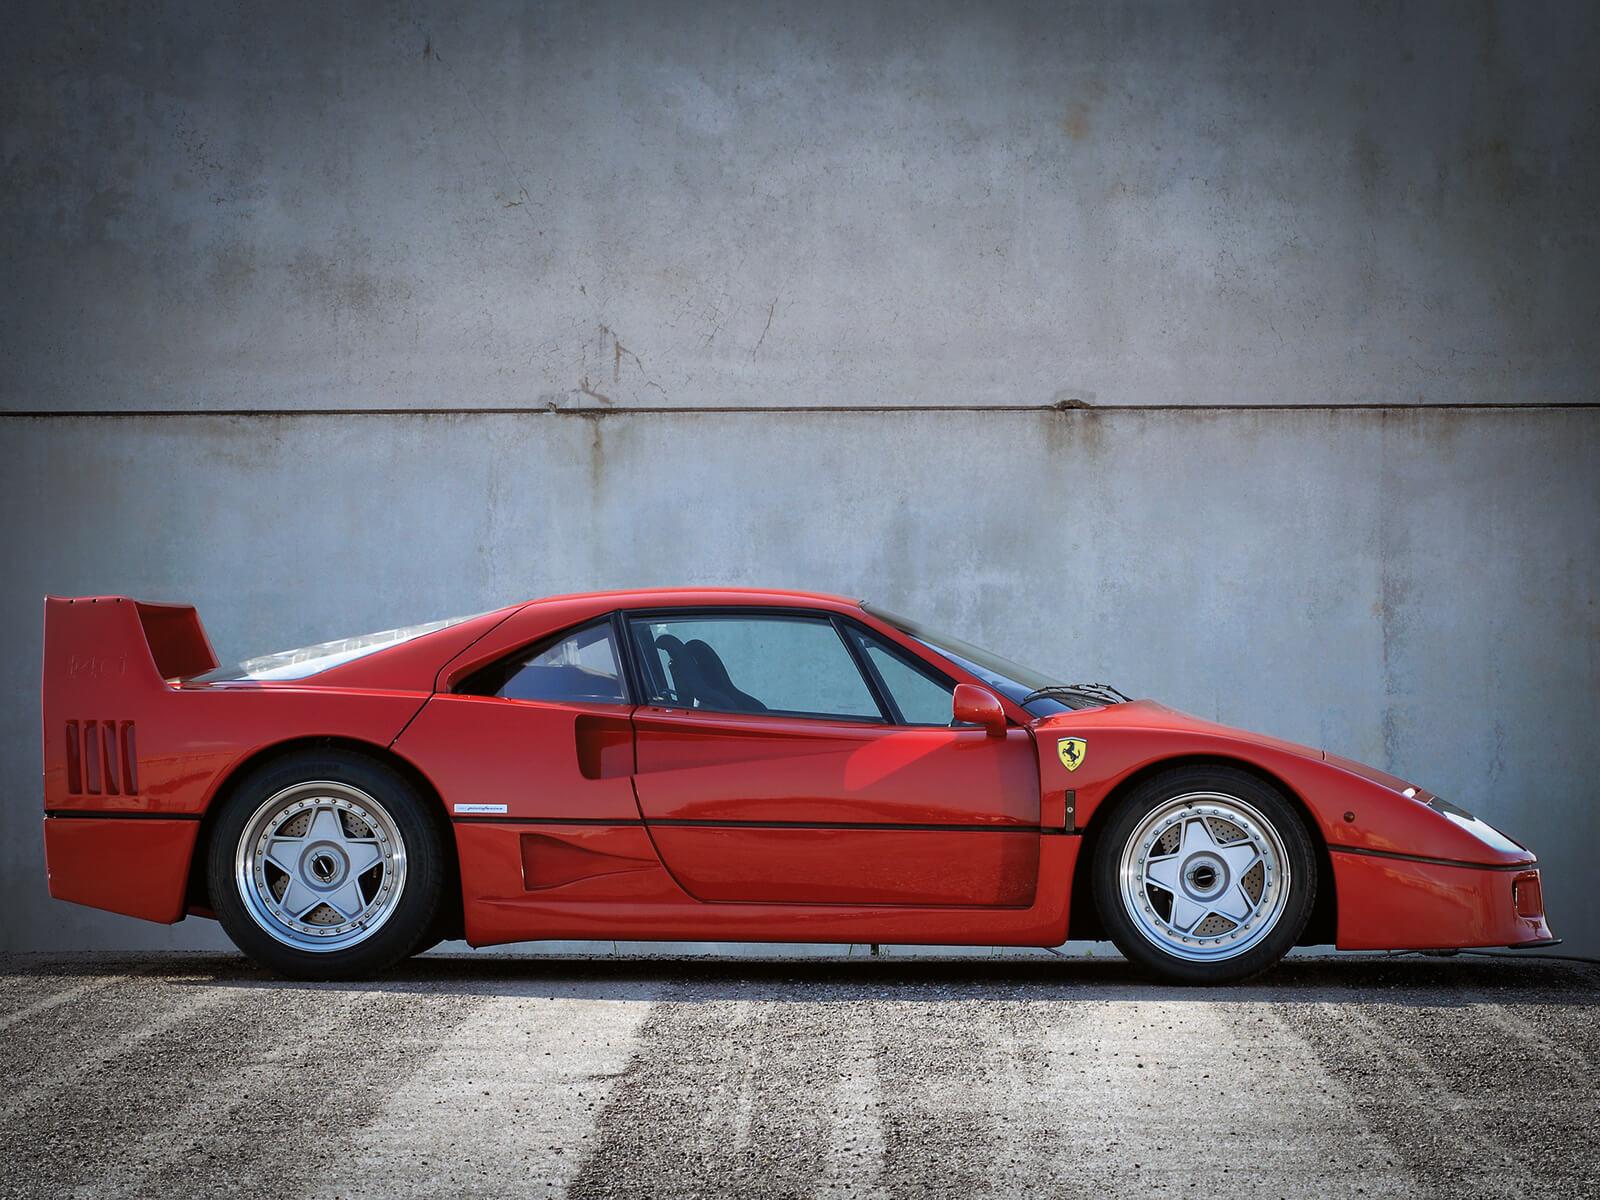 Ferrari F40 Sideview